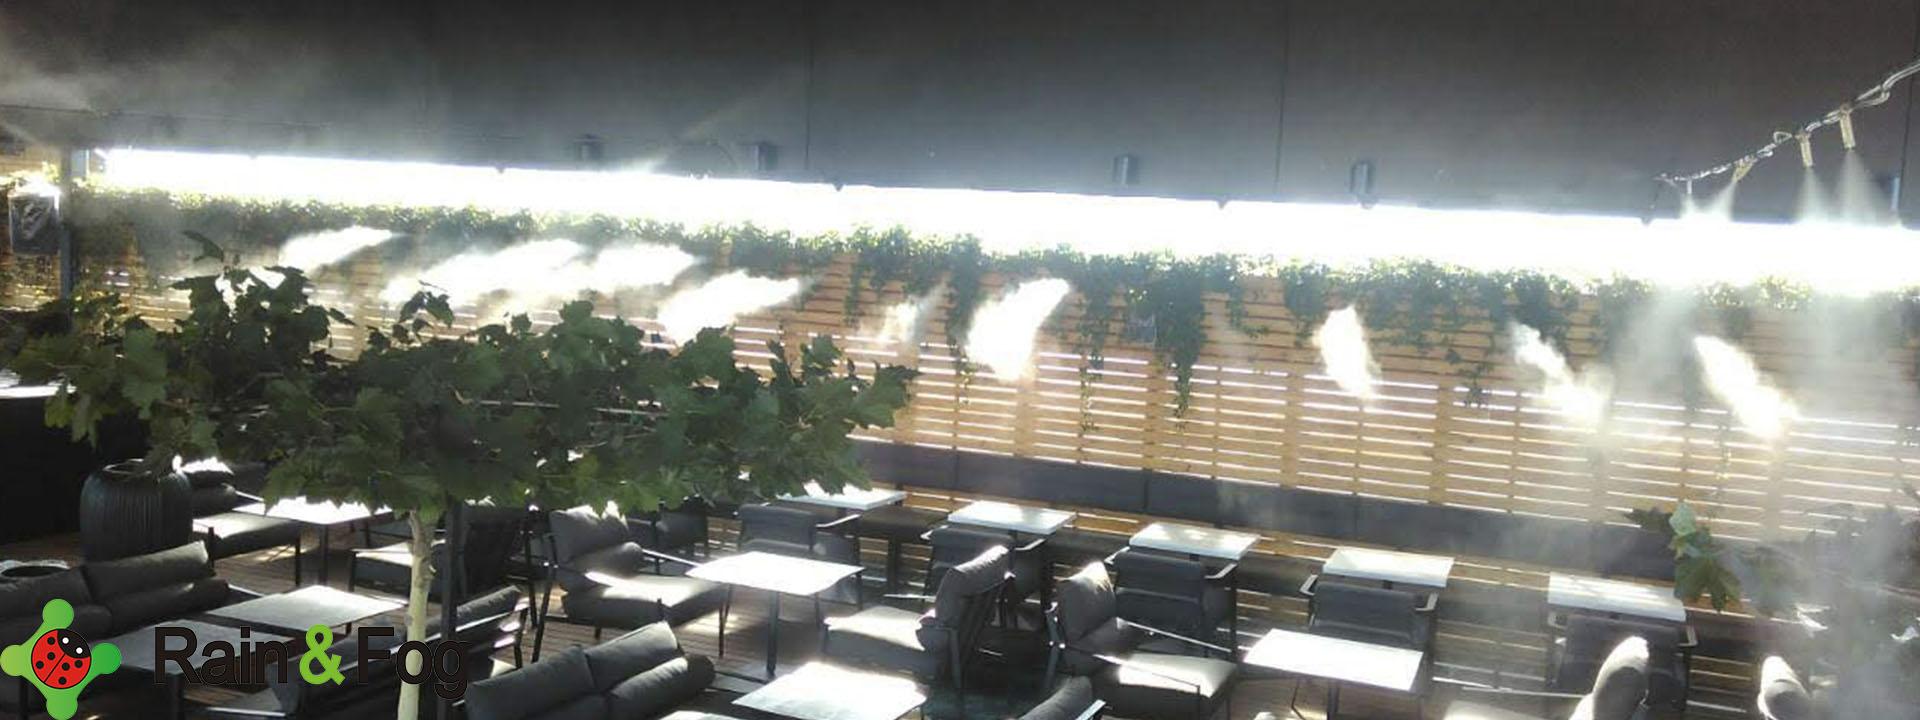 SAFARI-Restaurant-Lounge-BarR1